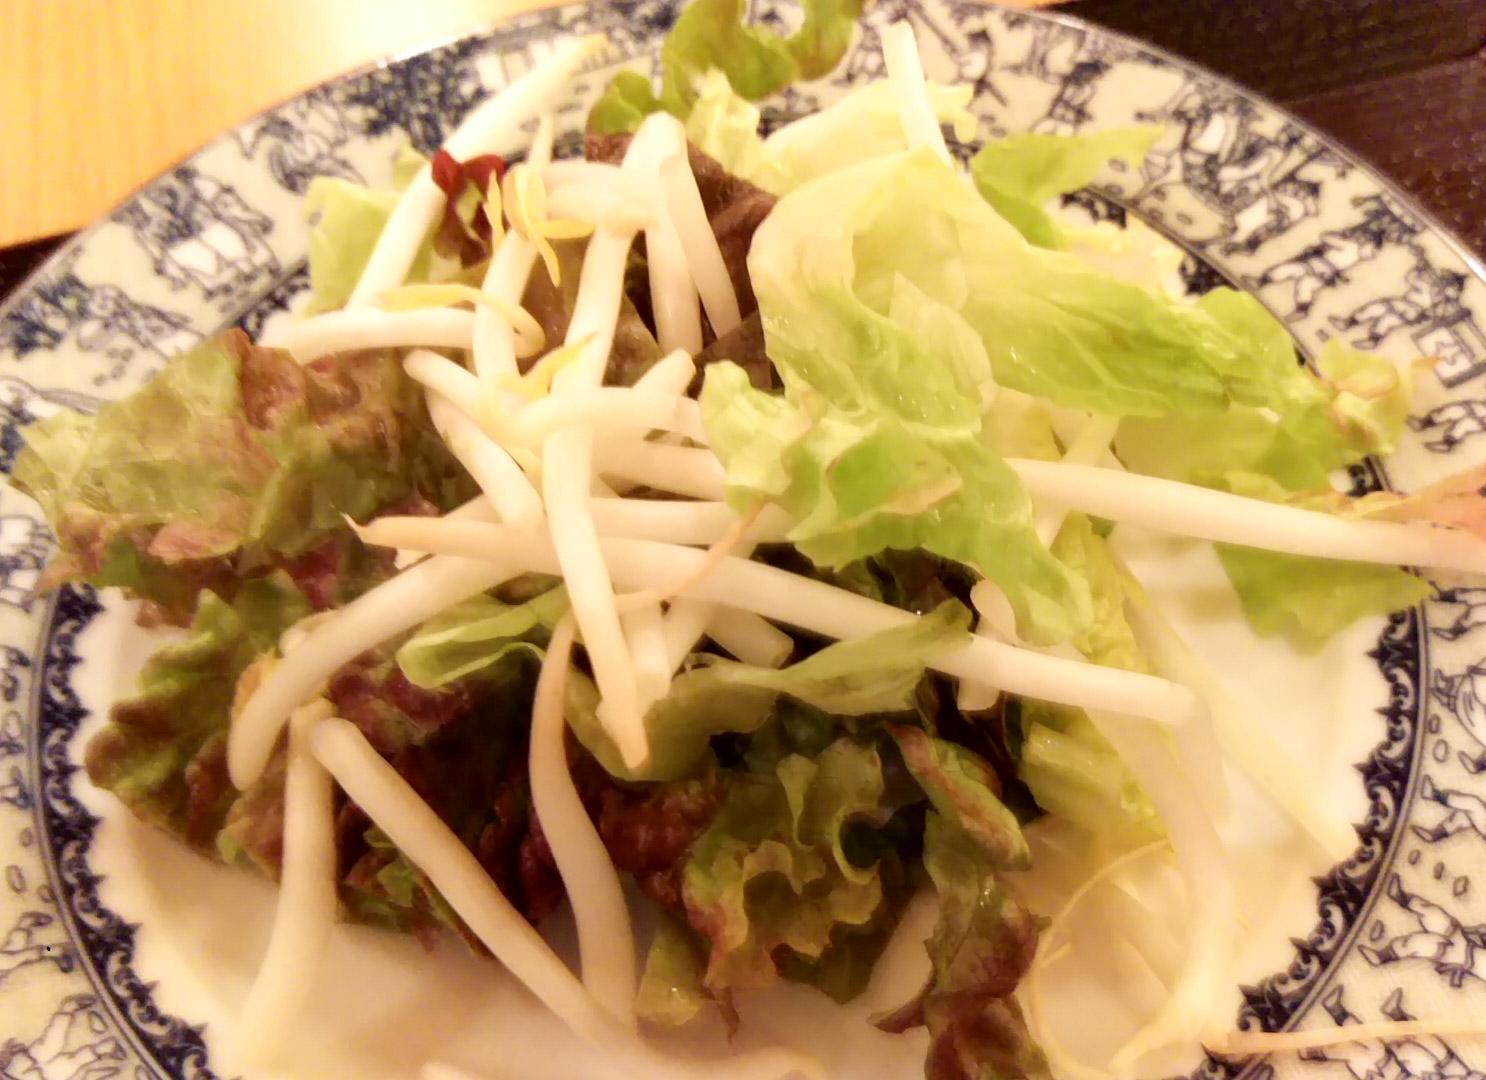 後から載せる野菜。サニーレタスとモヤシとレタスと…レモングラス?パクチーはなかった模様